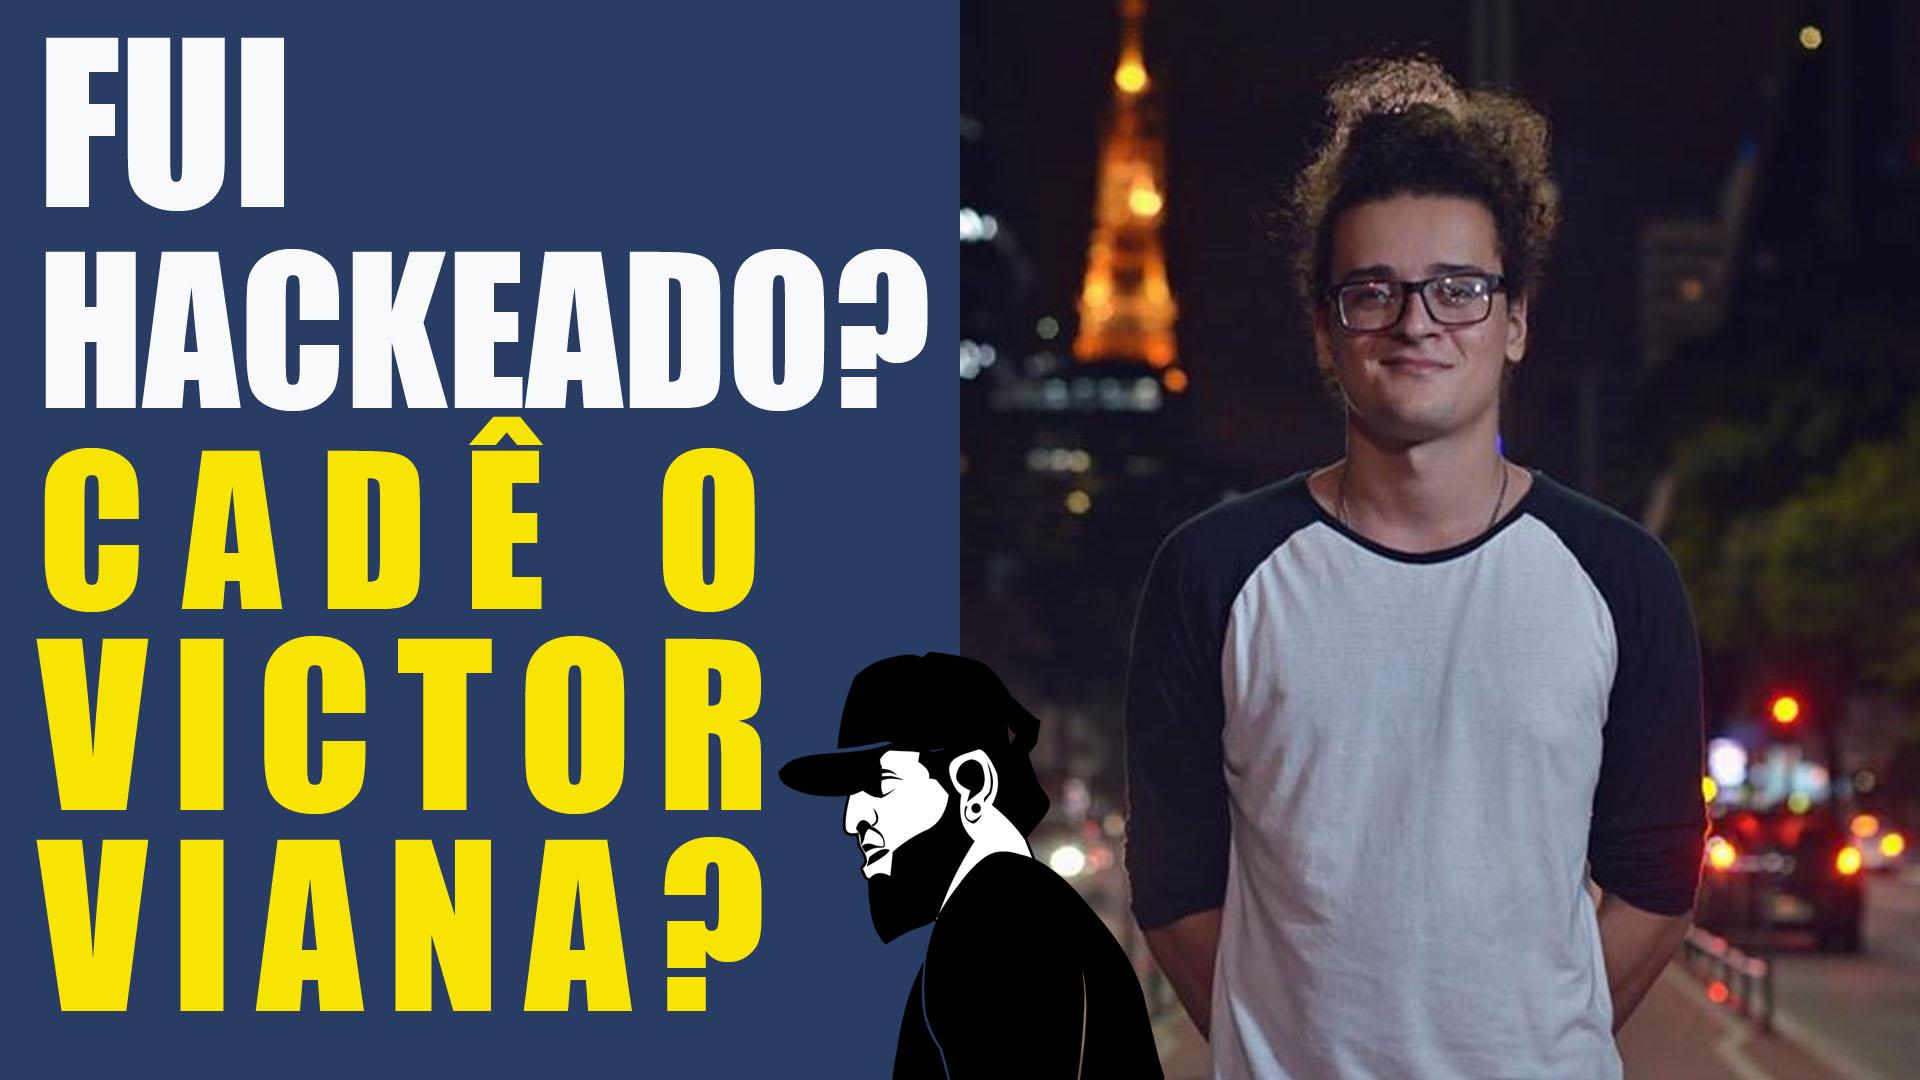 Fui Hackeado? Cadê o Victor Viana?